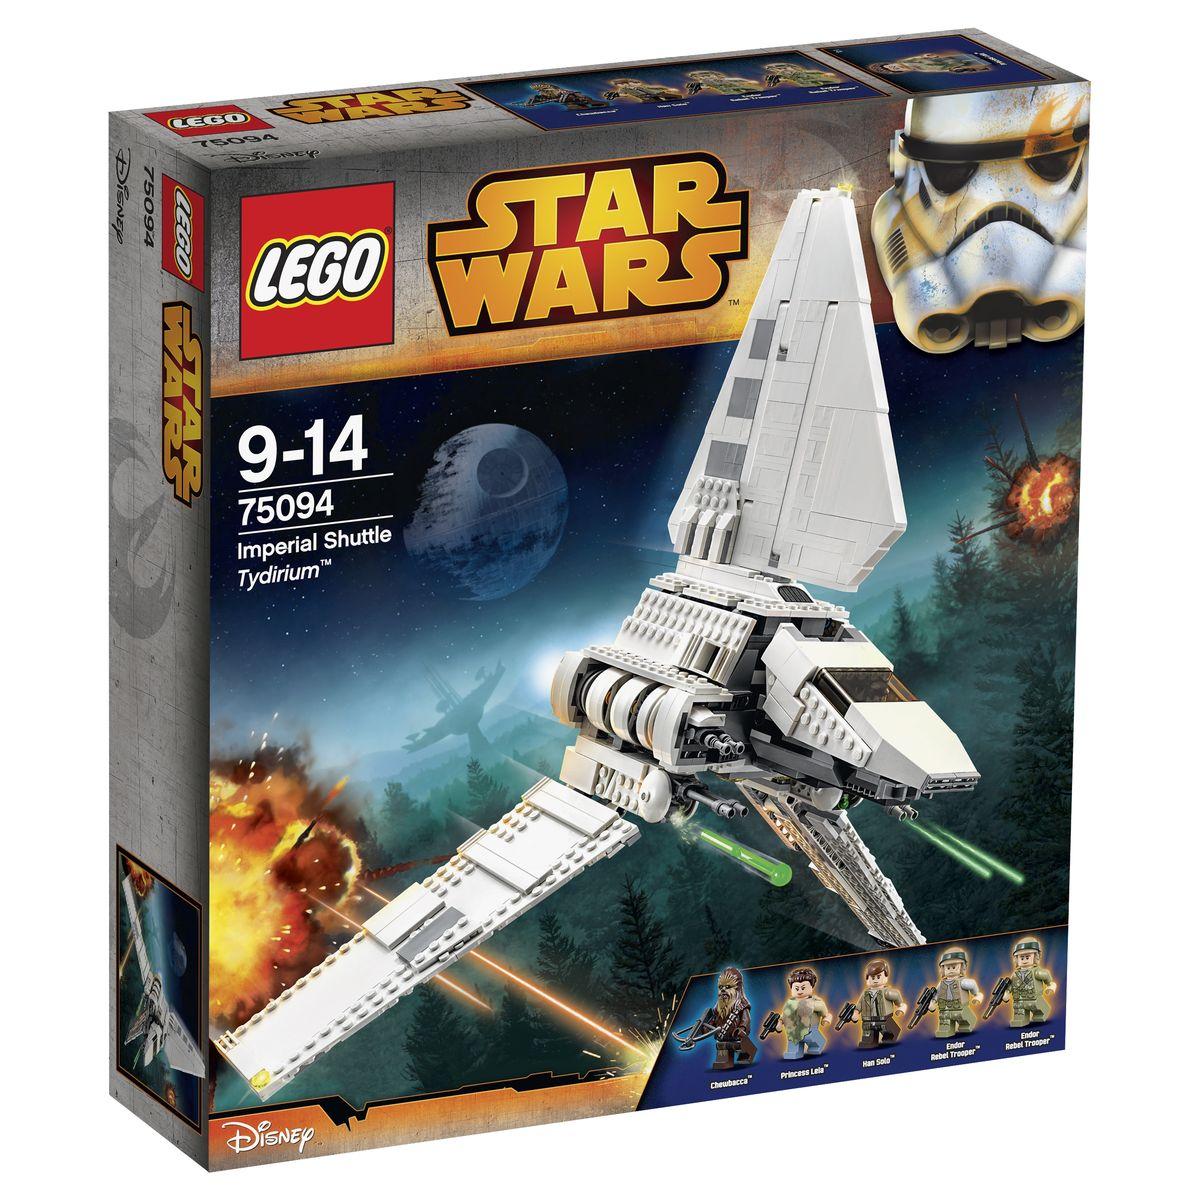 LEGO Star Wars Конструктор Имперский шаттл Тайдириум 7509475094Из деталей набора LEGO 75094 вы сможете построить модель классического Имперского шаттла. Его корпус выполнен из белых деталей с добавление серых элементов. Отличительной особенностью модели является система трех крыльев. Верхнее абсолютно неподвижно, а два боковых меняют свое положение, подстраиваясь к различным видам полёта: во время посадки они поднимаются, стараясь занять максимально вертикальное положение, а во время взлёта опускаются намного ниже уровня плоскости днища. Передняя часть фюзеляжа представляет собой вытянутую кабину пилота, предназначенную для двух мини фигурок. Подняв часть крыши, можно заглянуть внутрь и рассмотреть приборную панель и рулевое управление. За кабиной располагается вместительный грузовой отсек. Чтобы разместить внутри пассажиров и дополнительное оборудование, необходимо воспользоваться поднимающимися боковыми стенками. Также модель оборудована активными полозьями шасси, которые после взлета складываются и надежно фиксируются под грузовым отсеком. ...